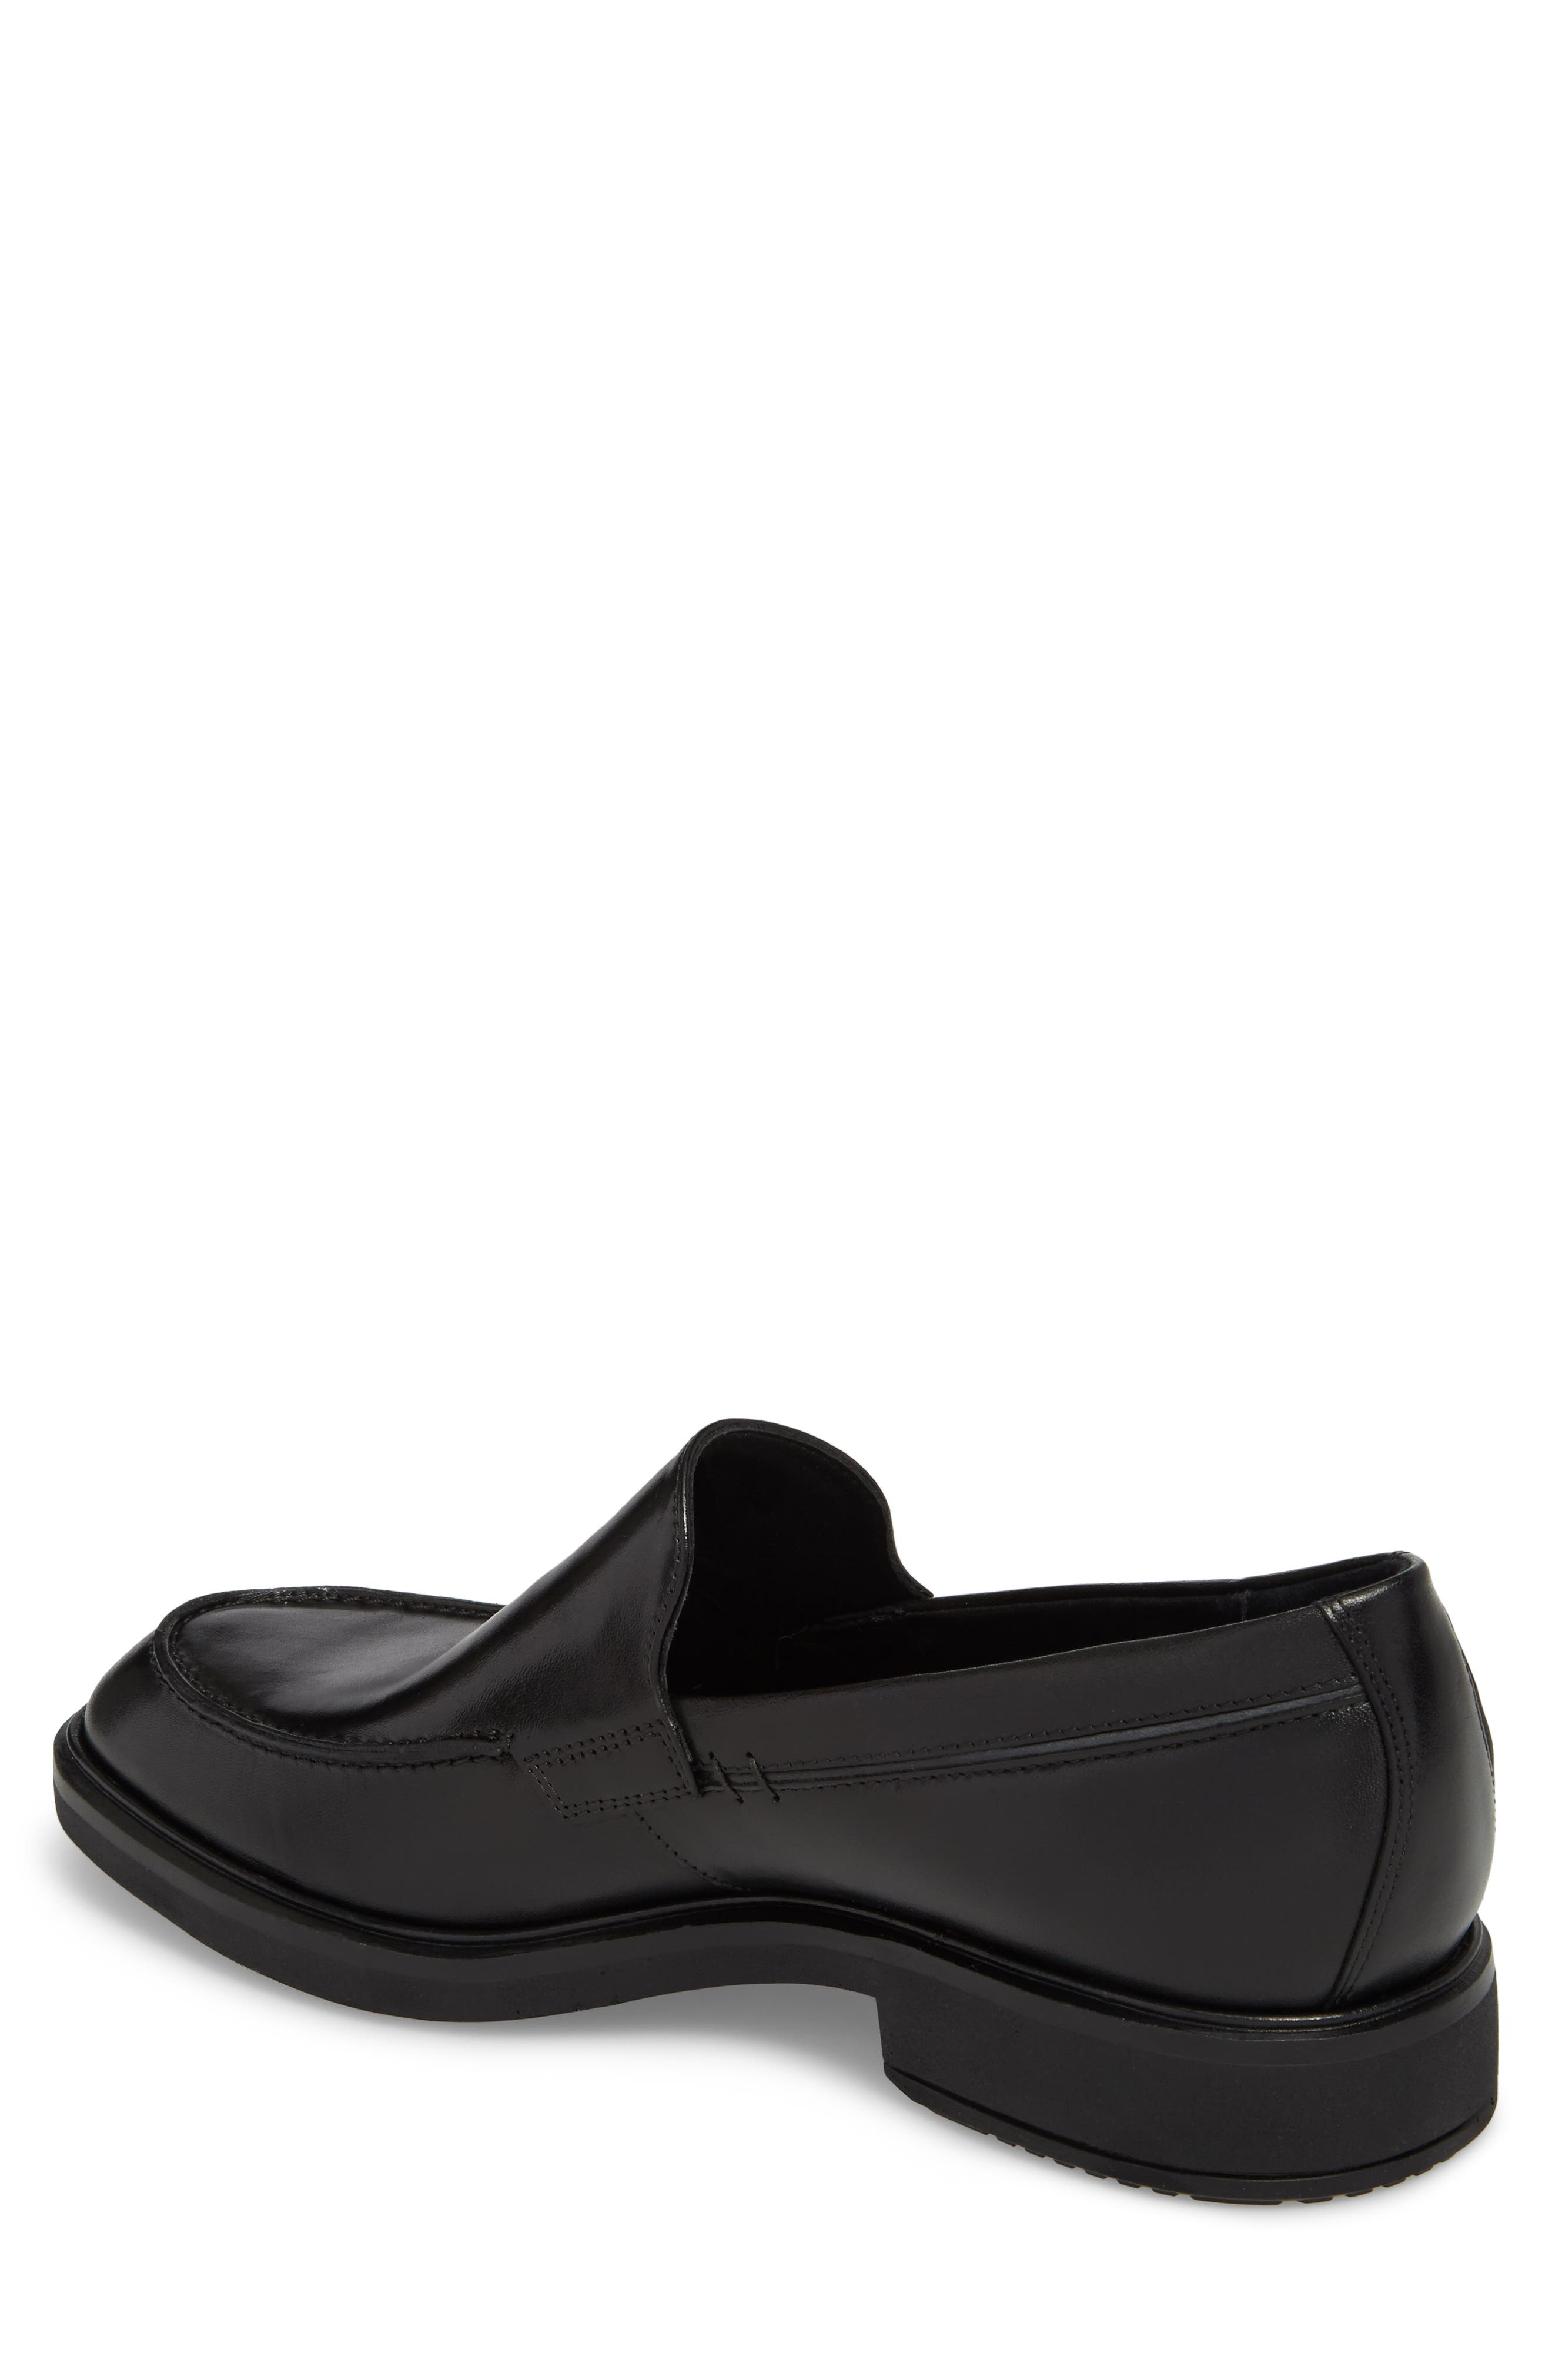 Vitrus II Apron Toe Loafer,                             Alternate thumbnail 2, color,                             Black Leather